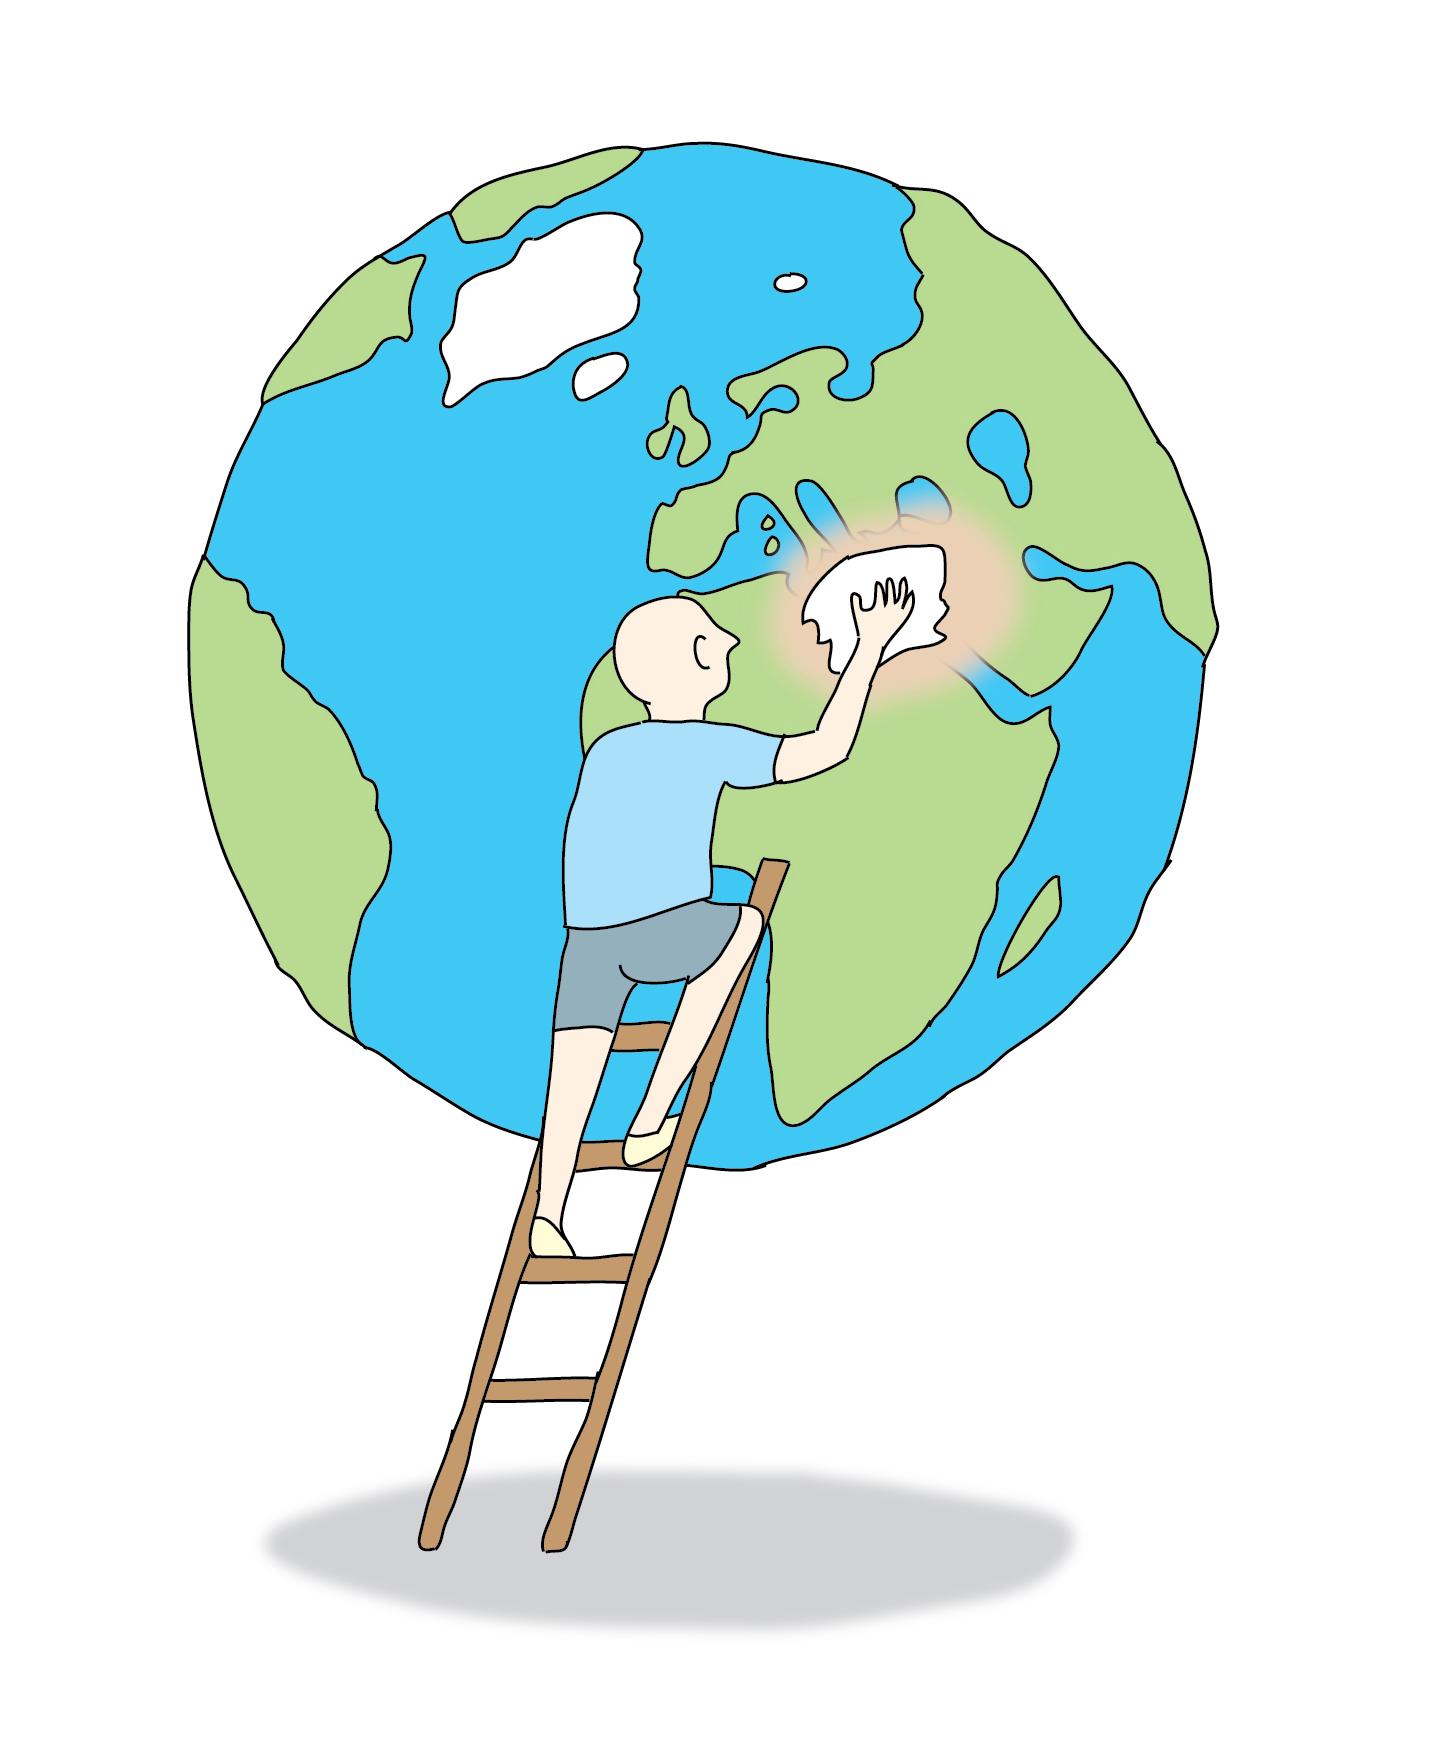 כל העולם כולו אבק דרכים בתלתליו  טליק לזר